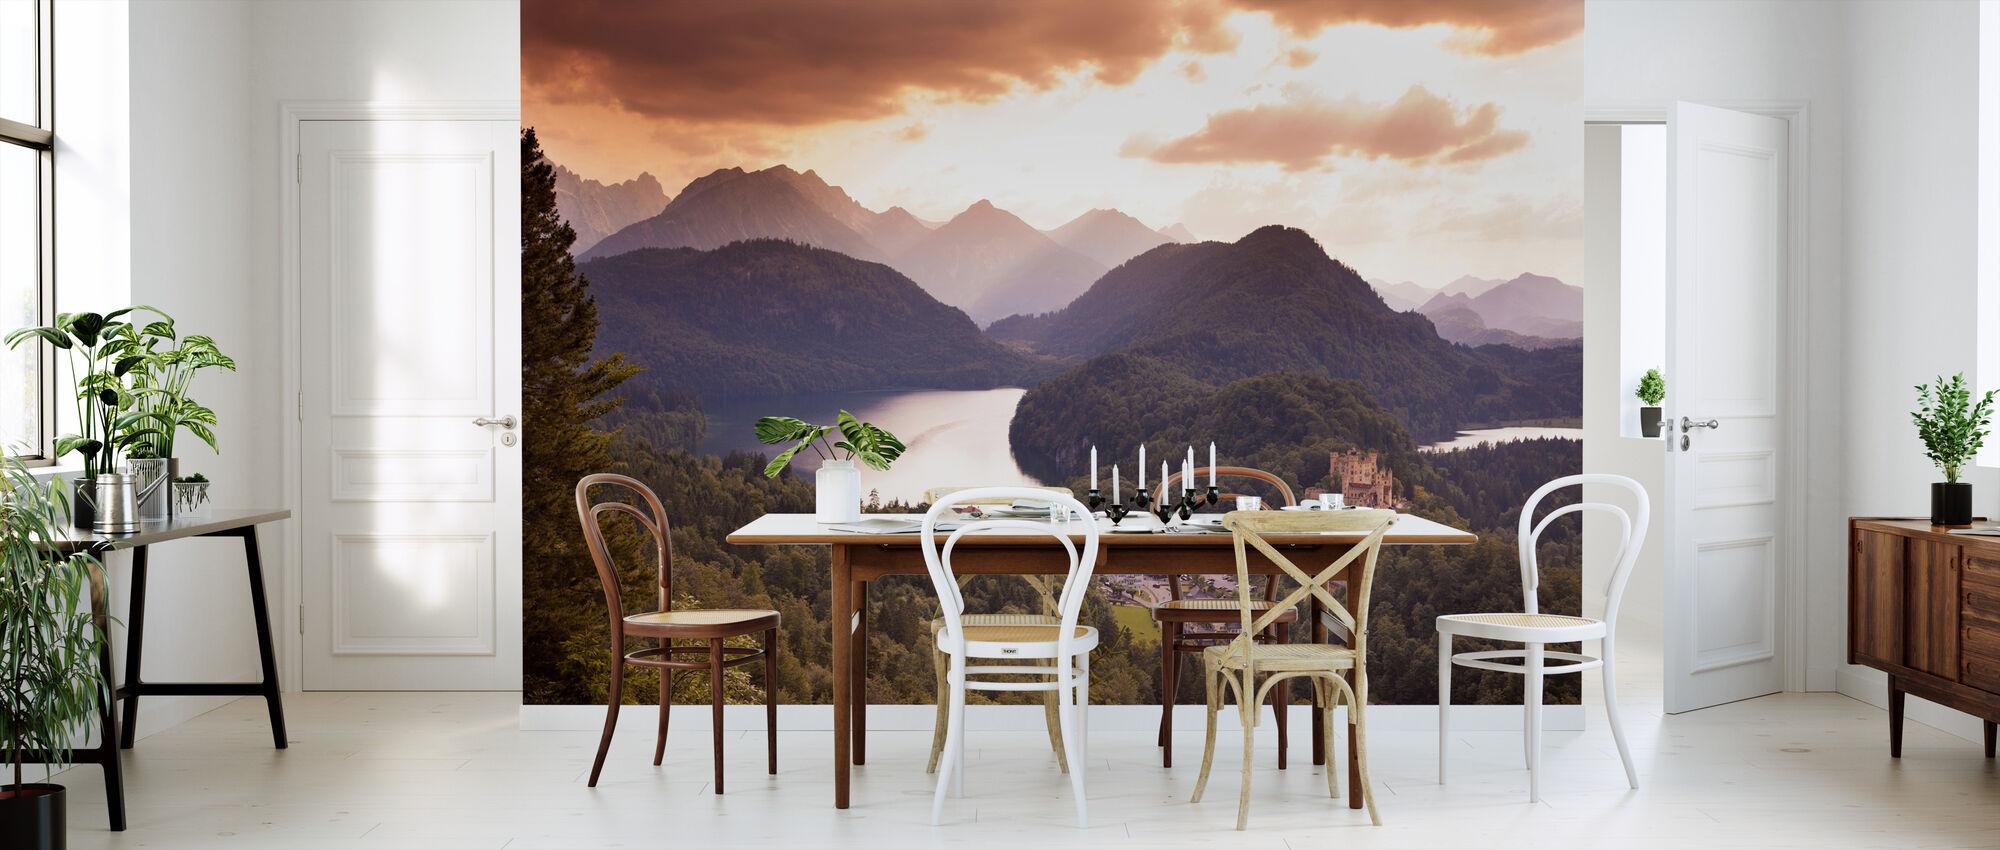 View at Neuschwanstine - Wallpaper - Kitchen